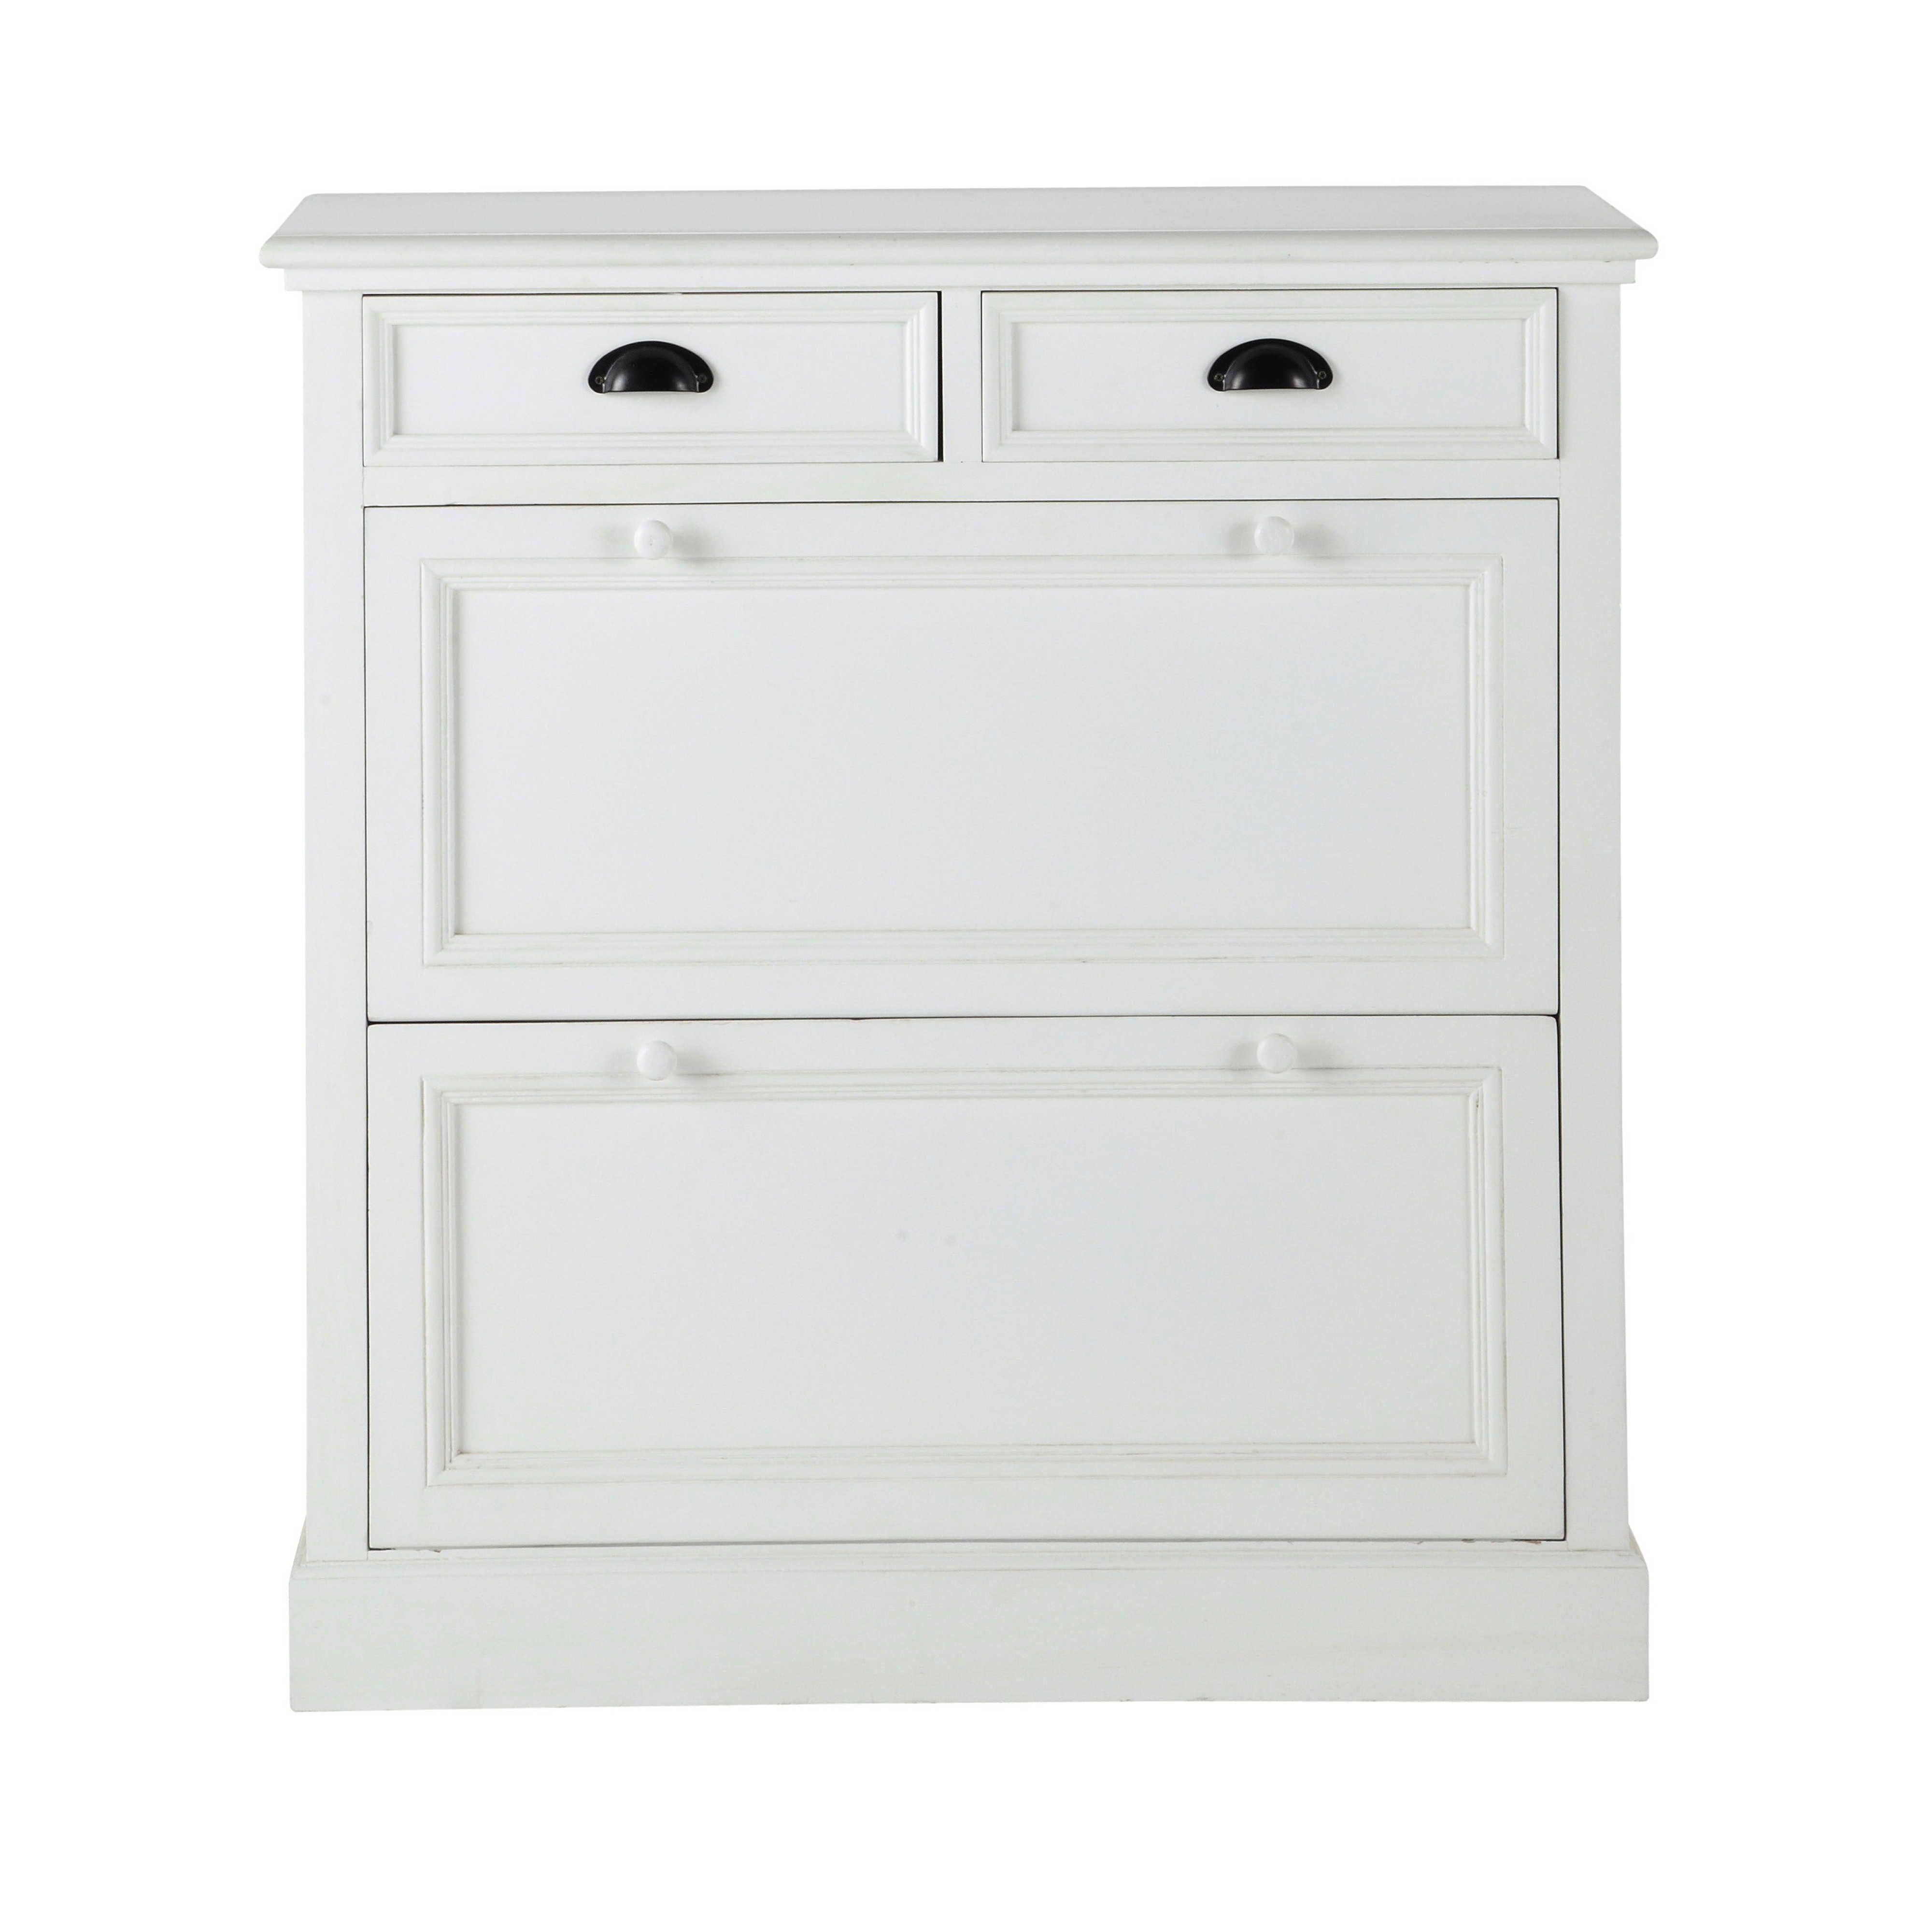 Schuhschrank Wei B 90 Cm Wooden Shoe Cabinet And Newport # Muebles Newport